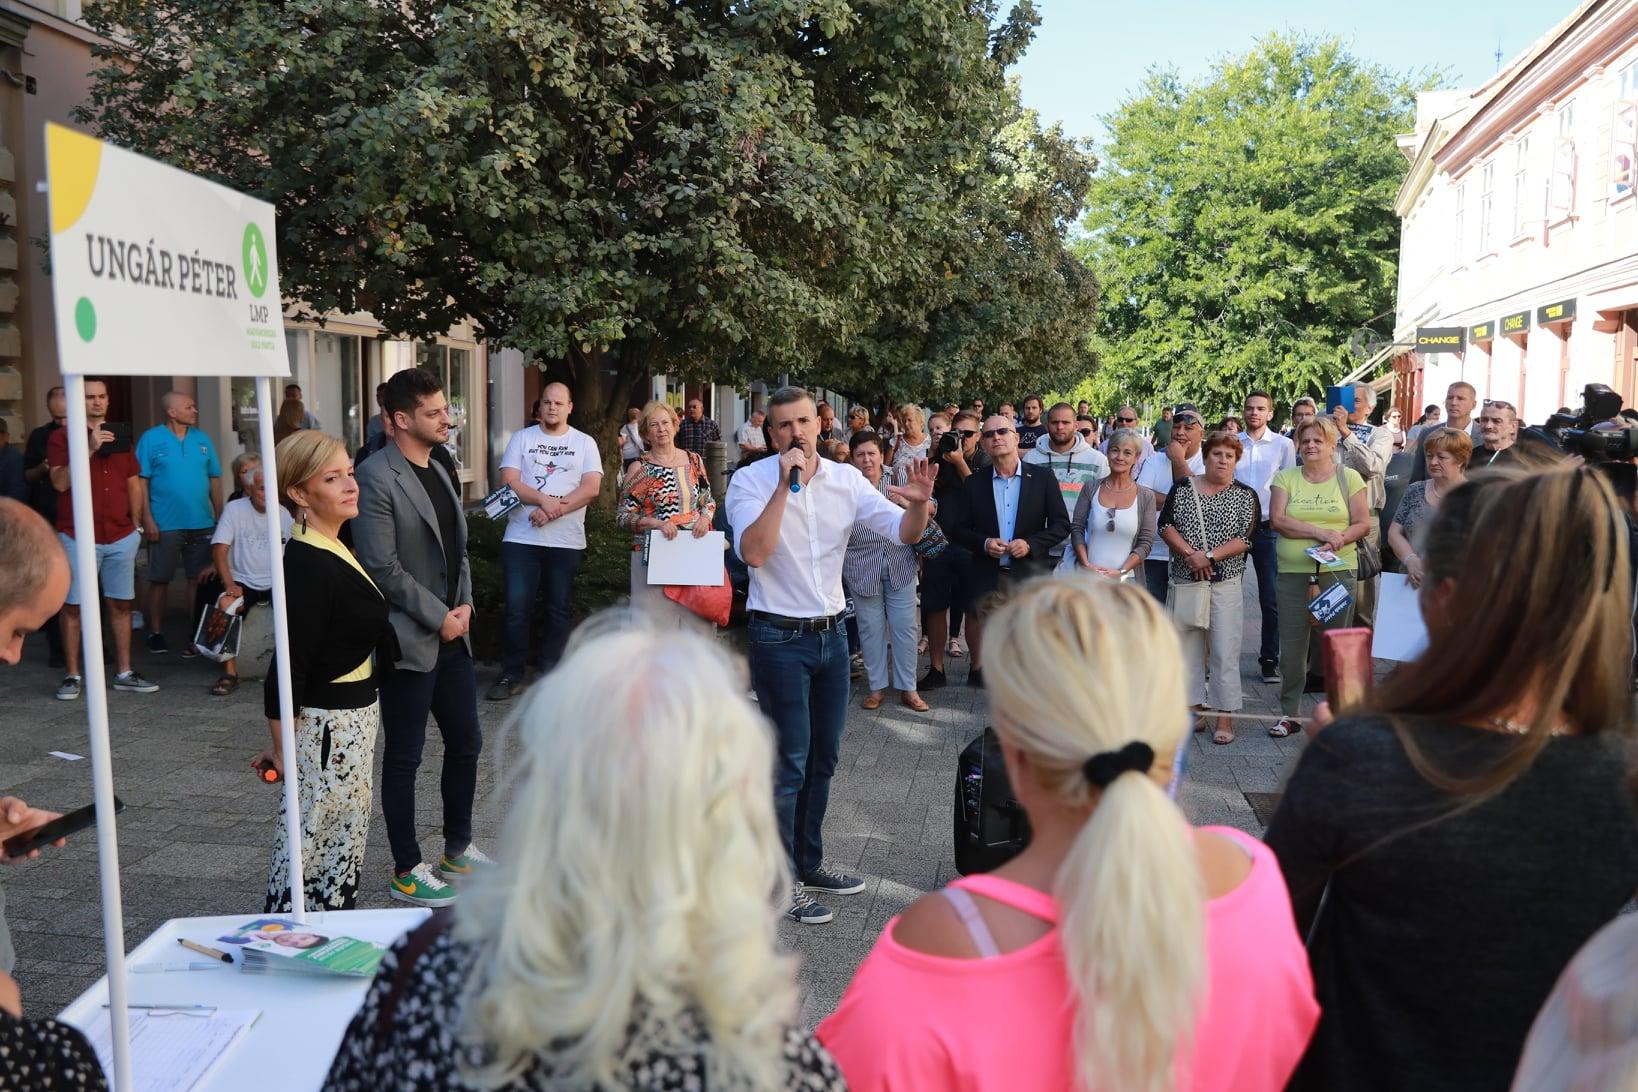 Analyse von Vorwahlen: Balance zwischen potenziellen Gewinnern, aber DK und Jobbik können auf mehr hoffen